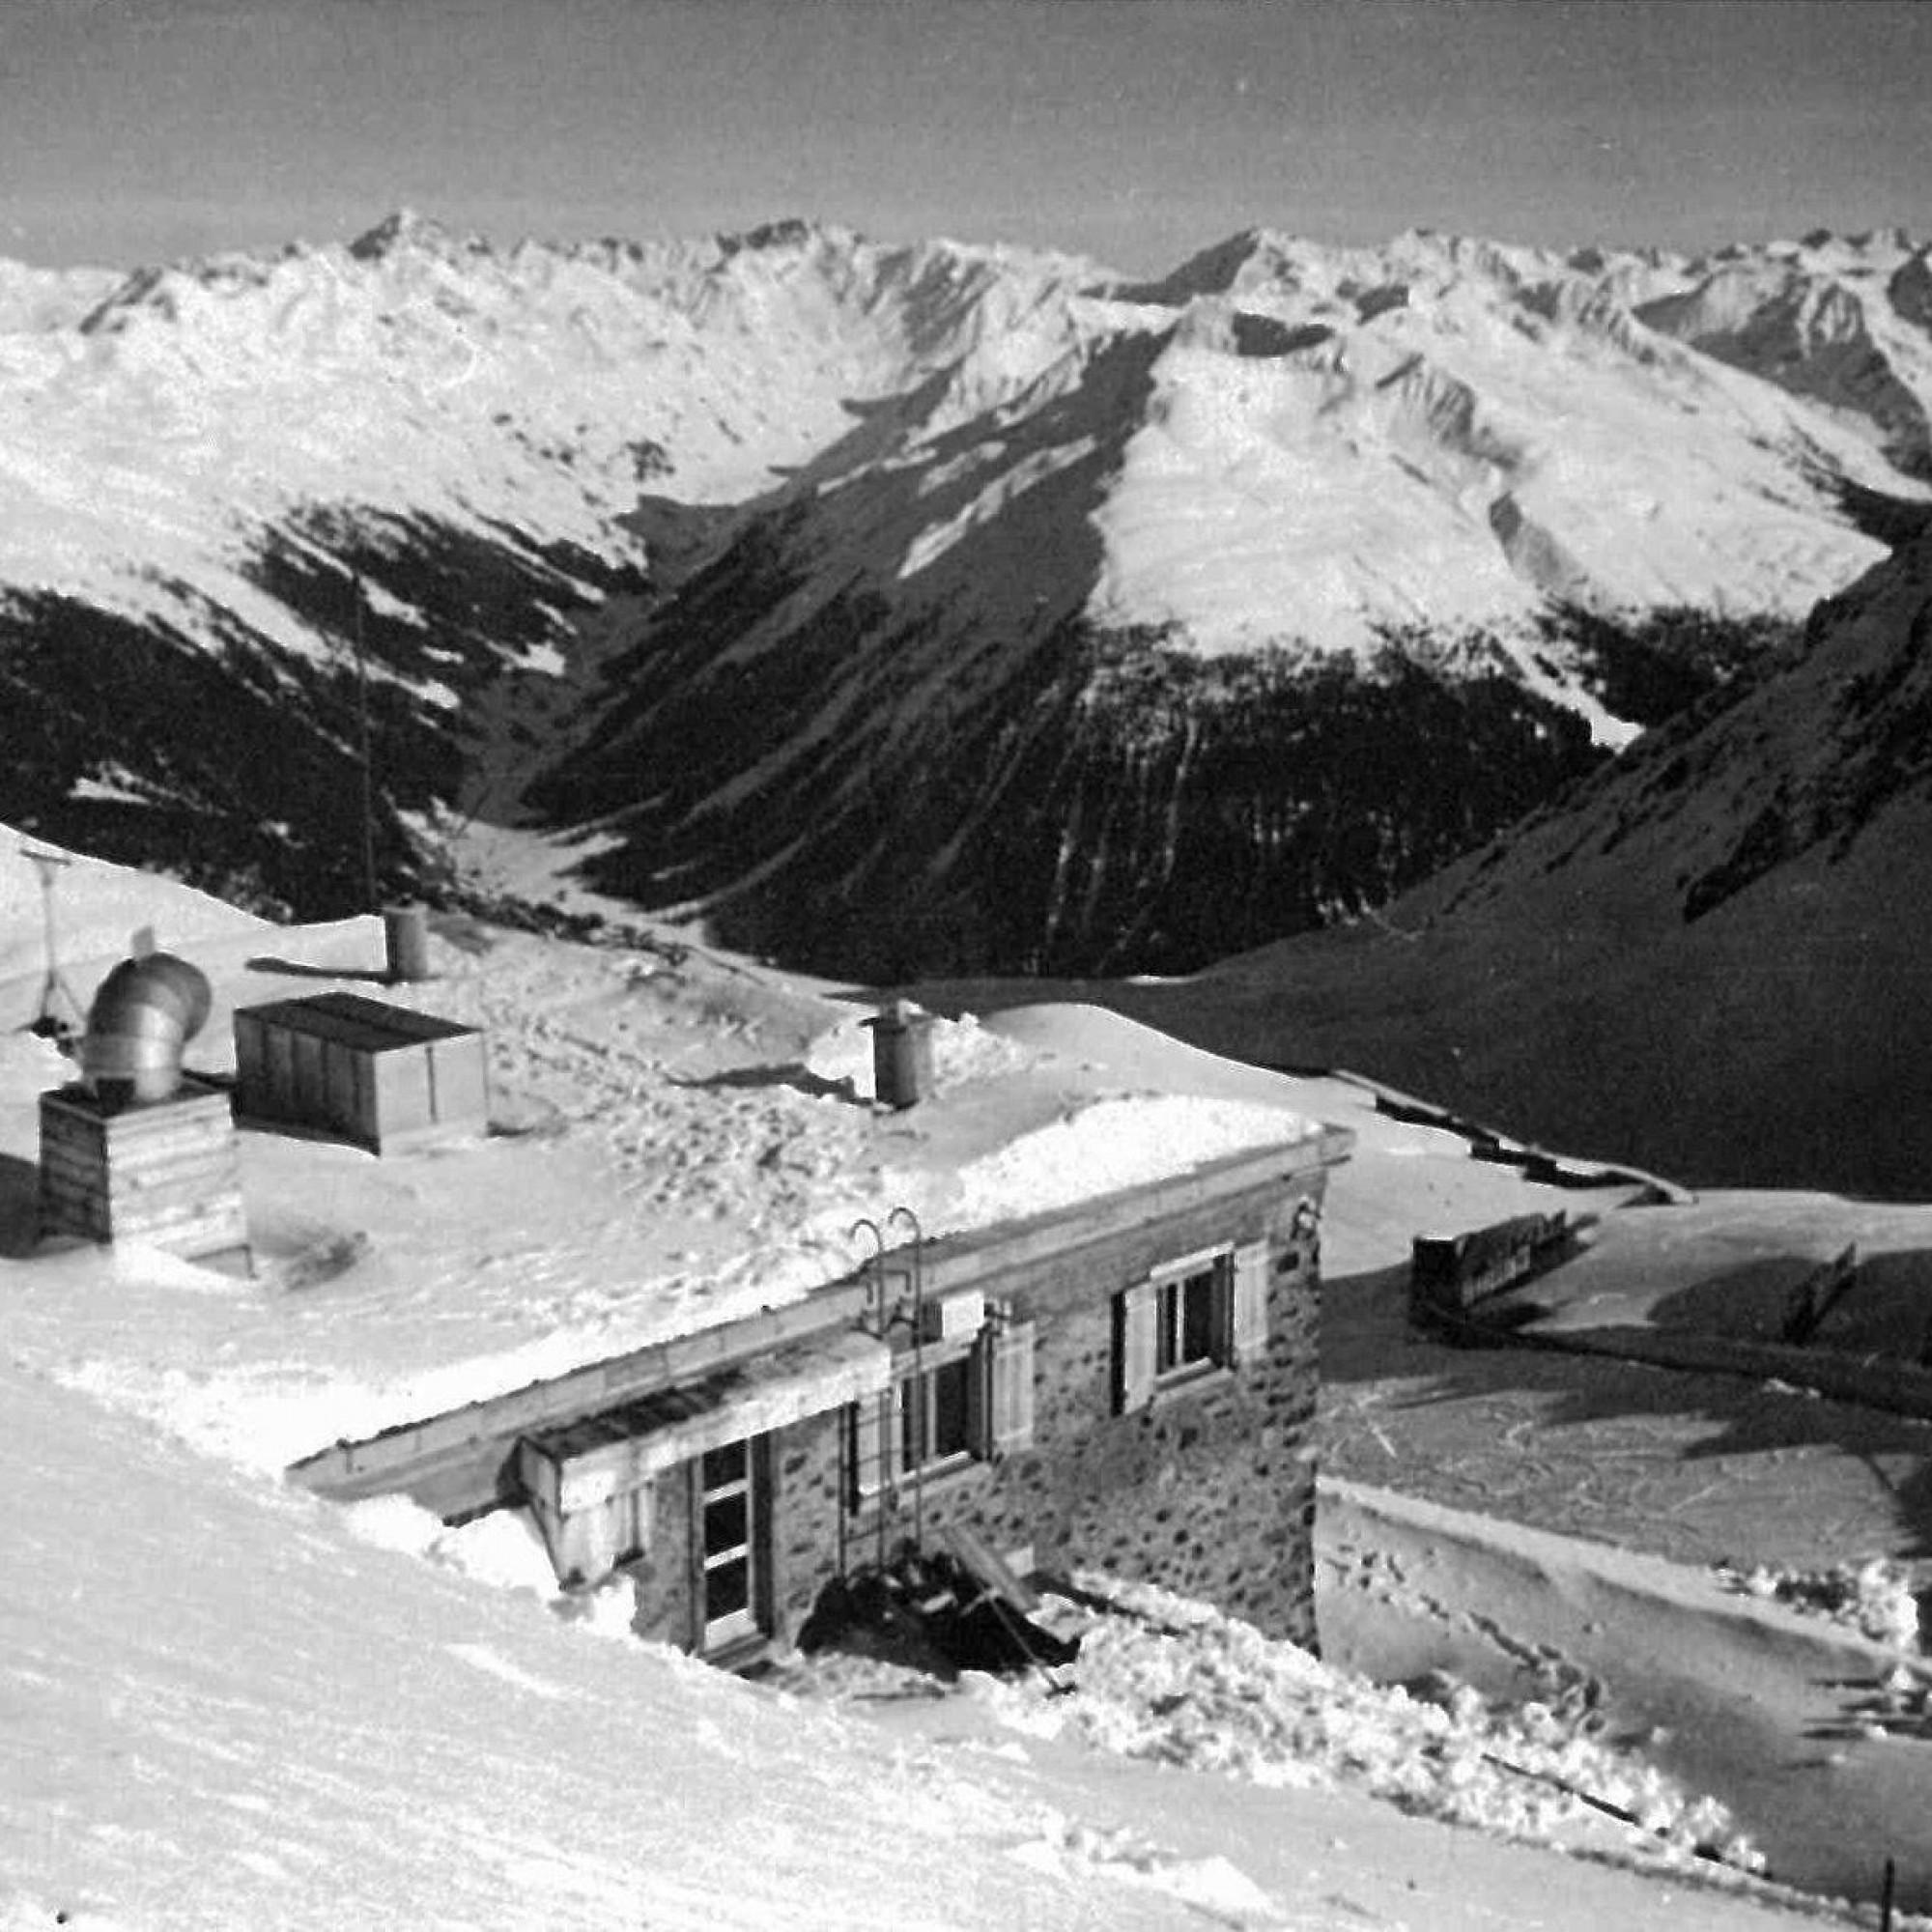 Institutsgebäude SLF, Weissfluhjoch Davos 1947